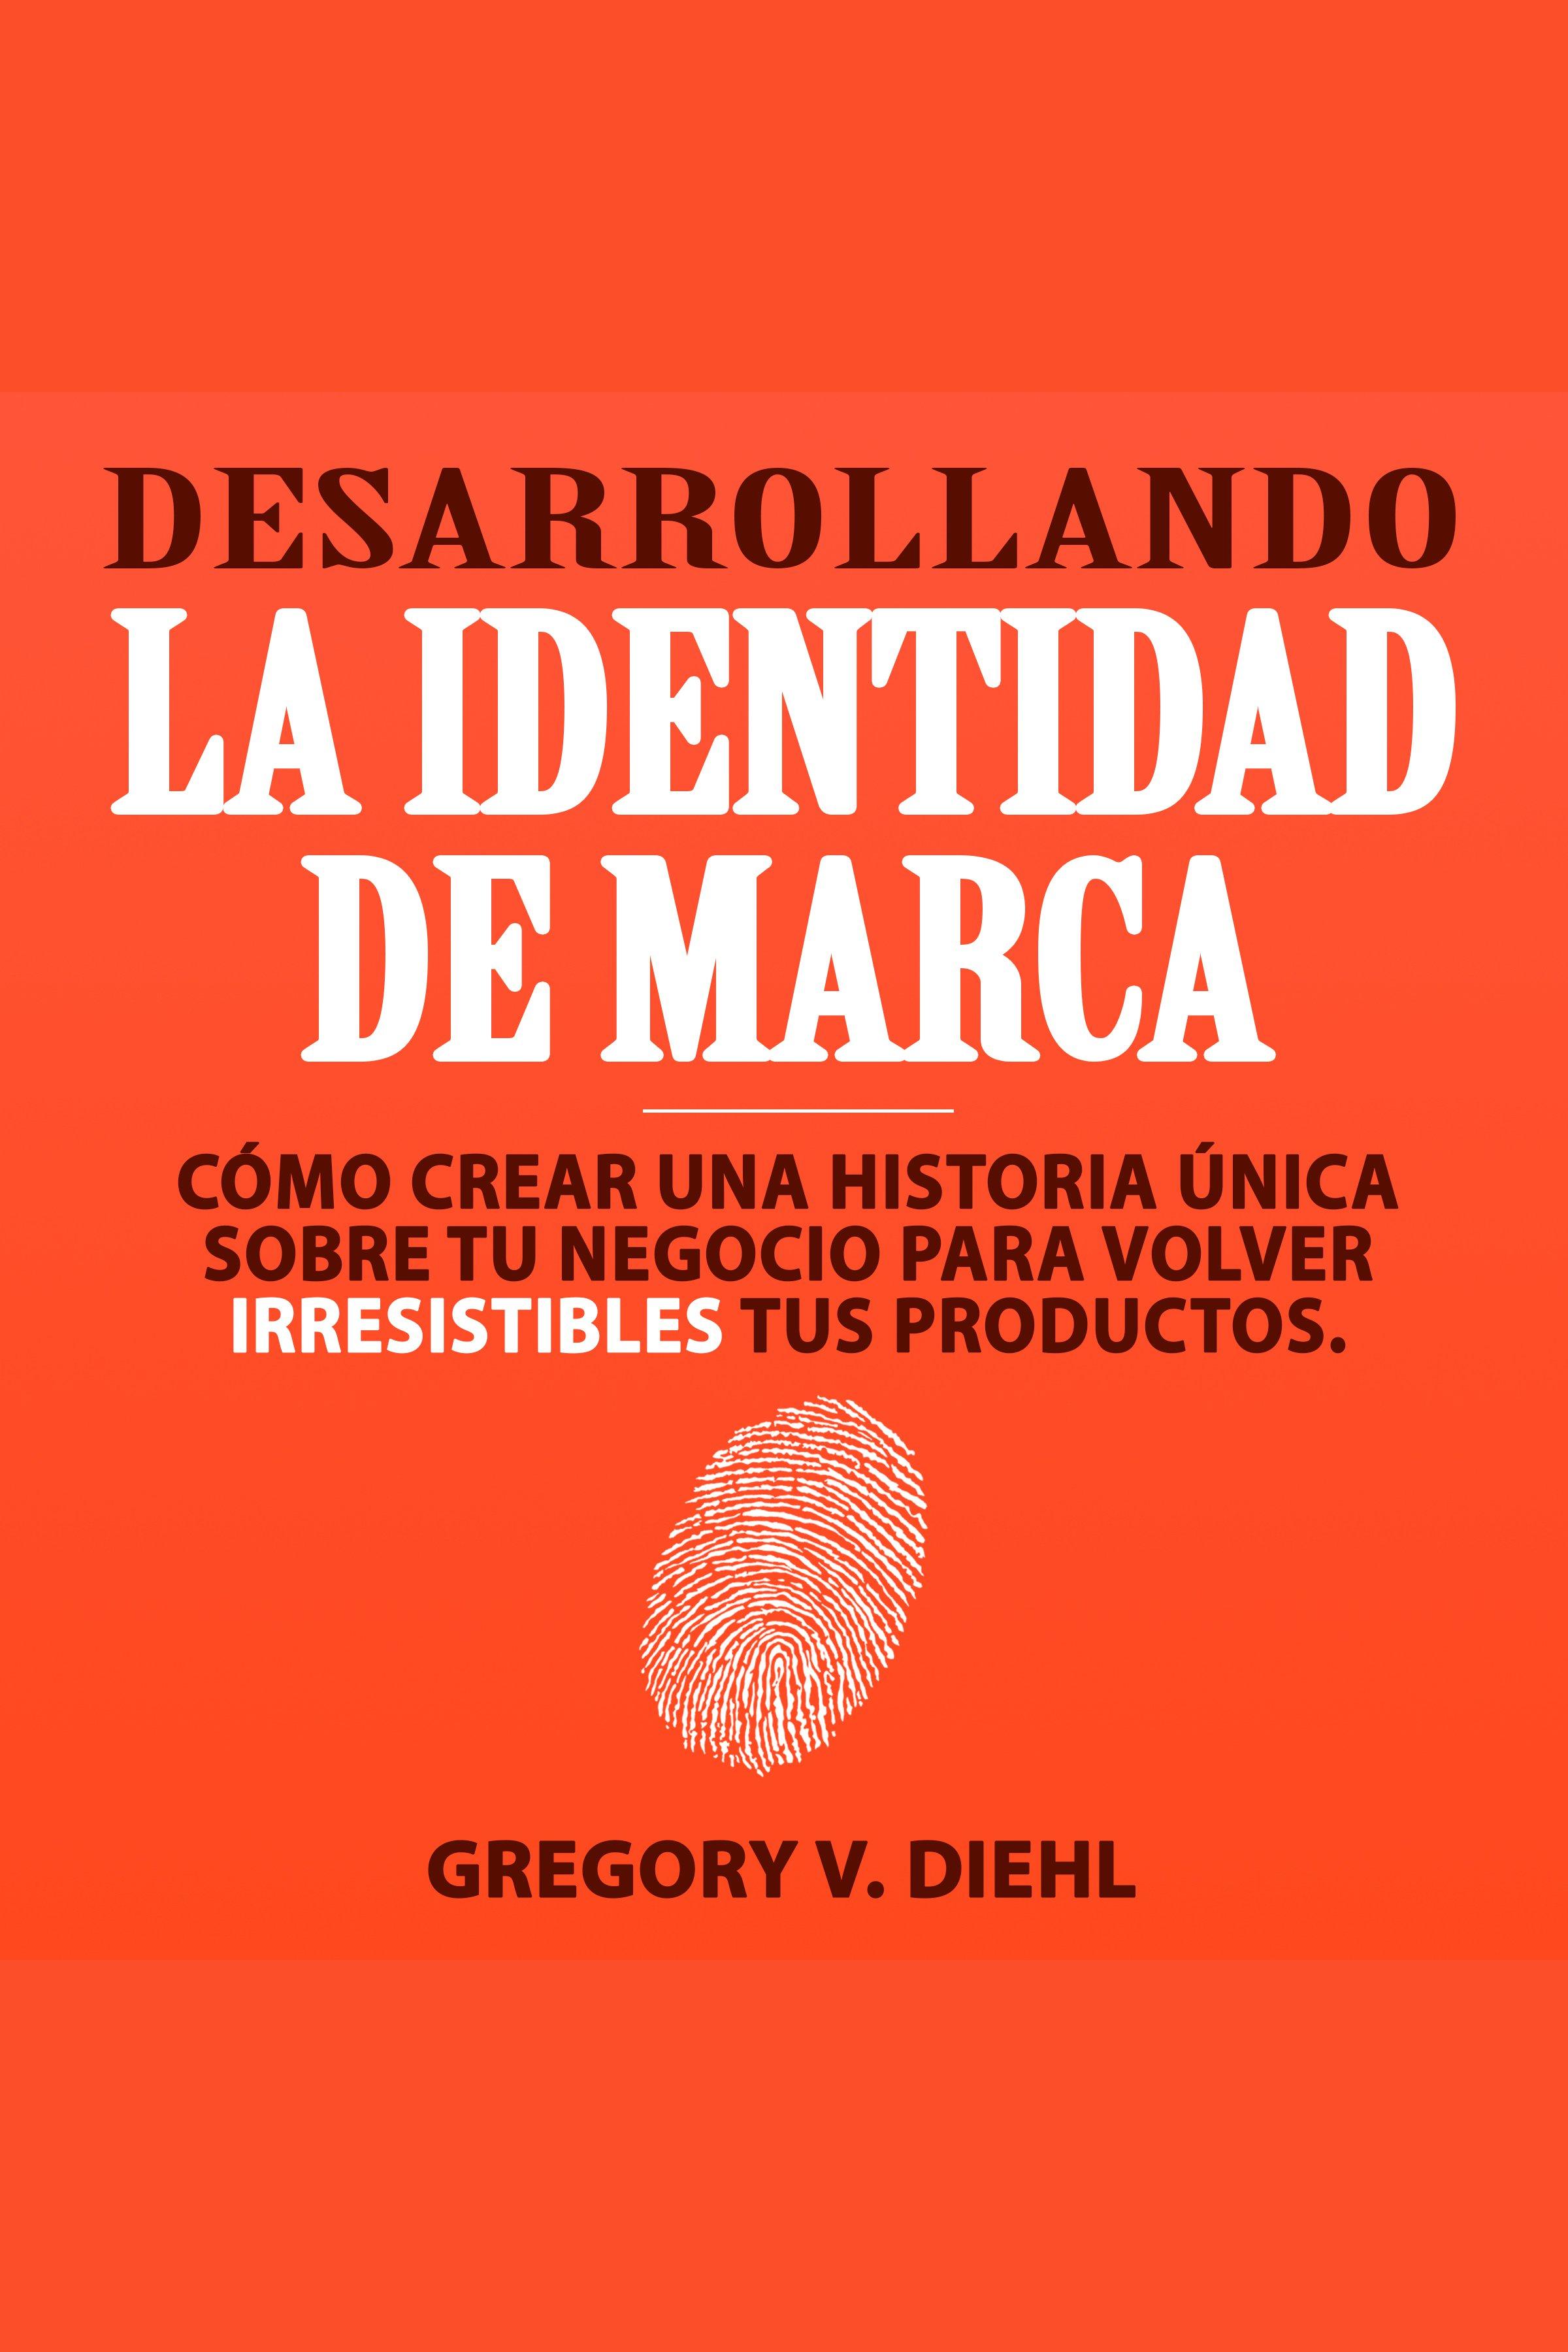 Esta es la portada del audiolibro Desarrollando la Identidad de Marca